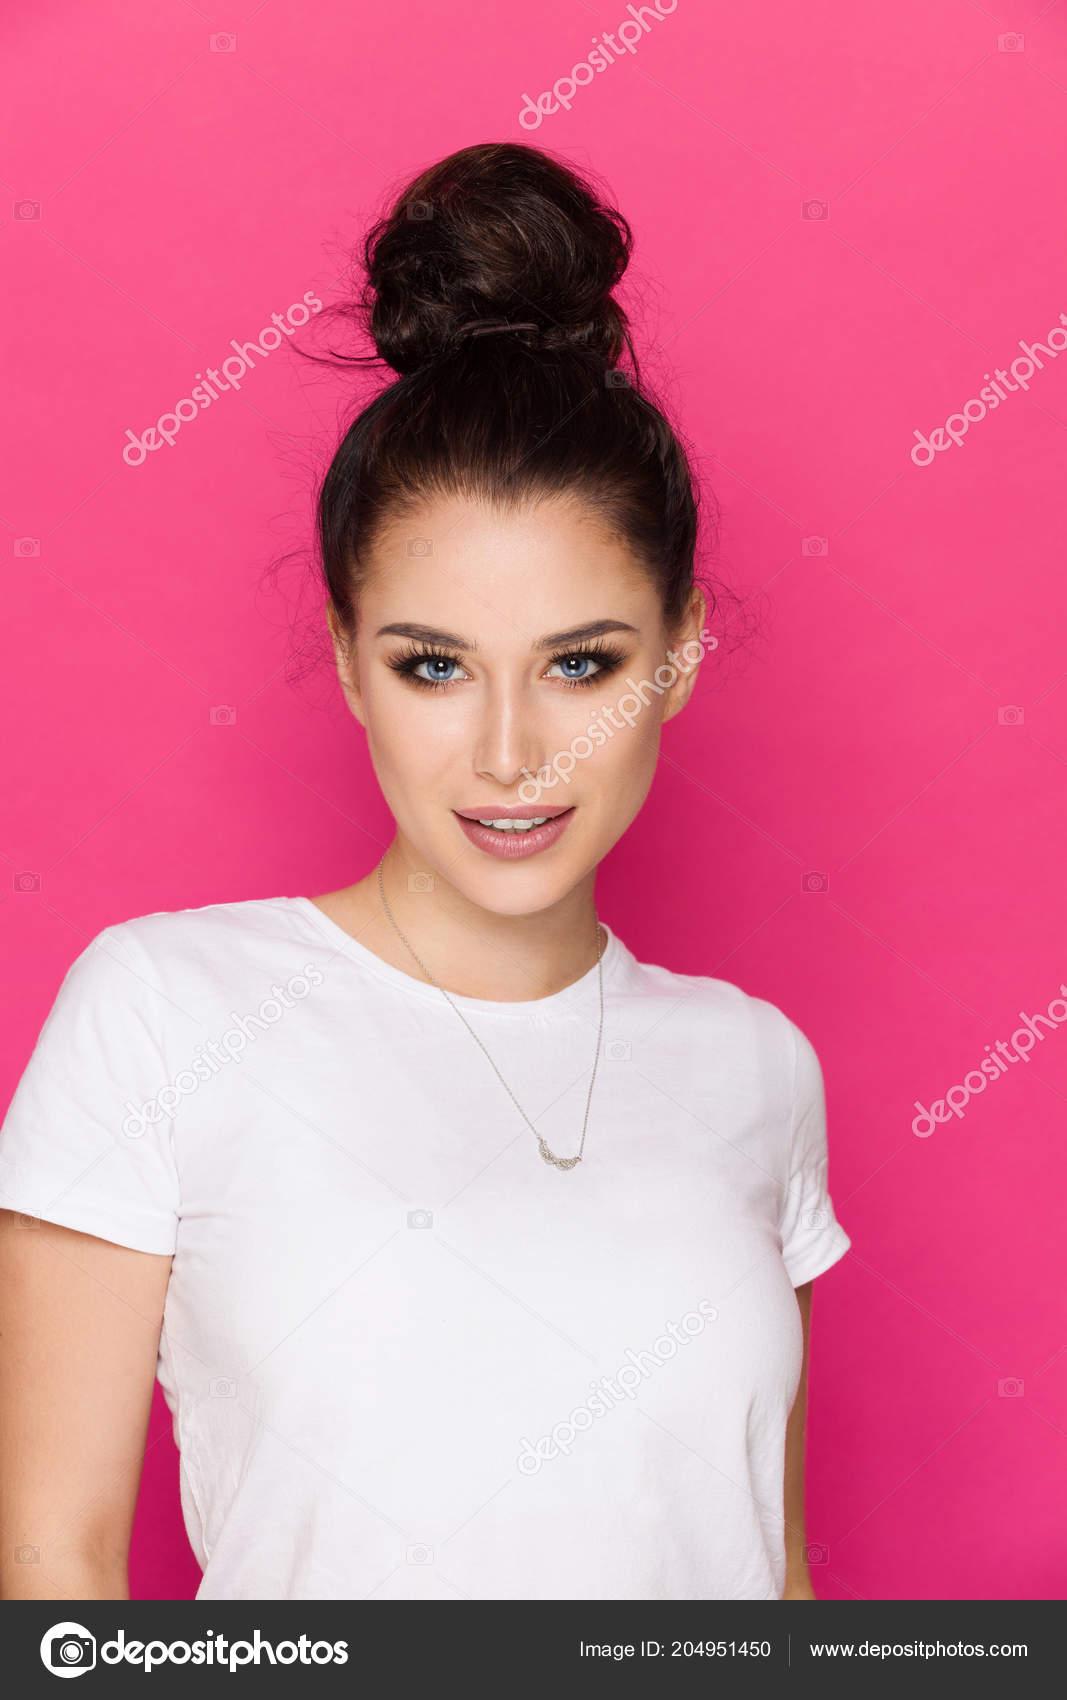 cb563aca0 Beautiful Young Woman Messy Bun Wearing White Shirt Looking Camera — Stock  Photo